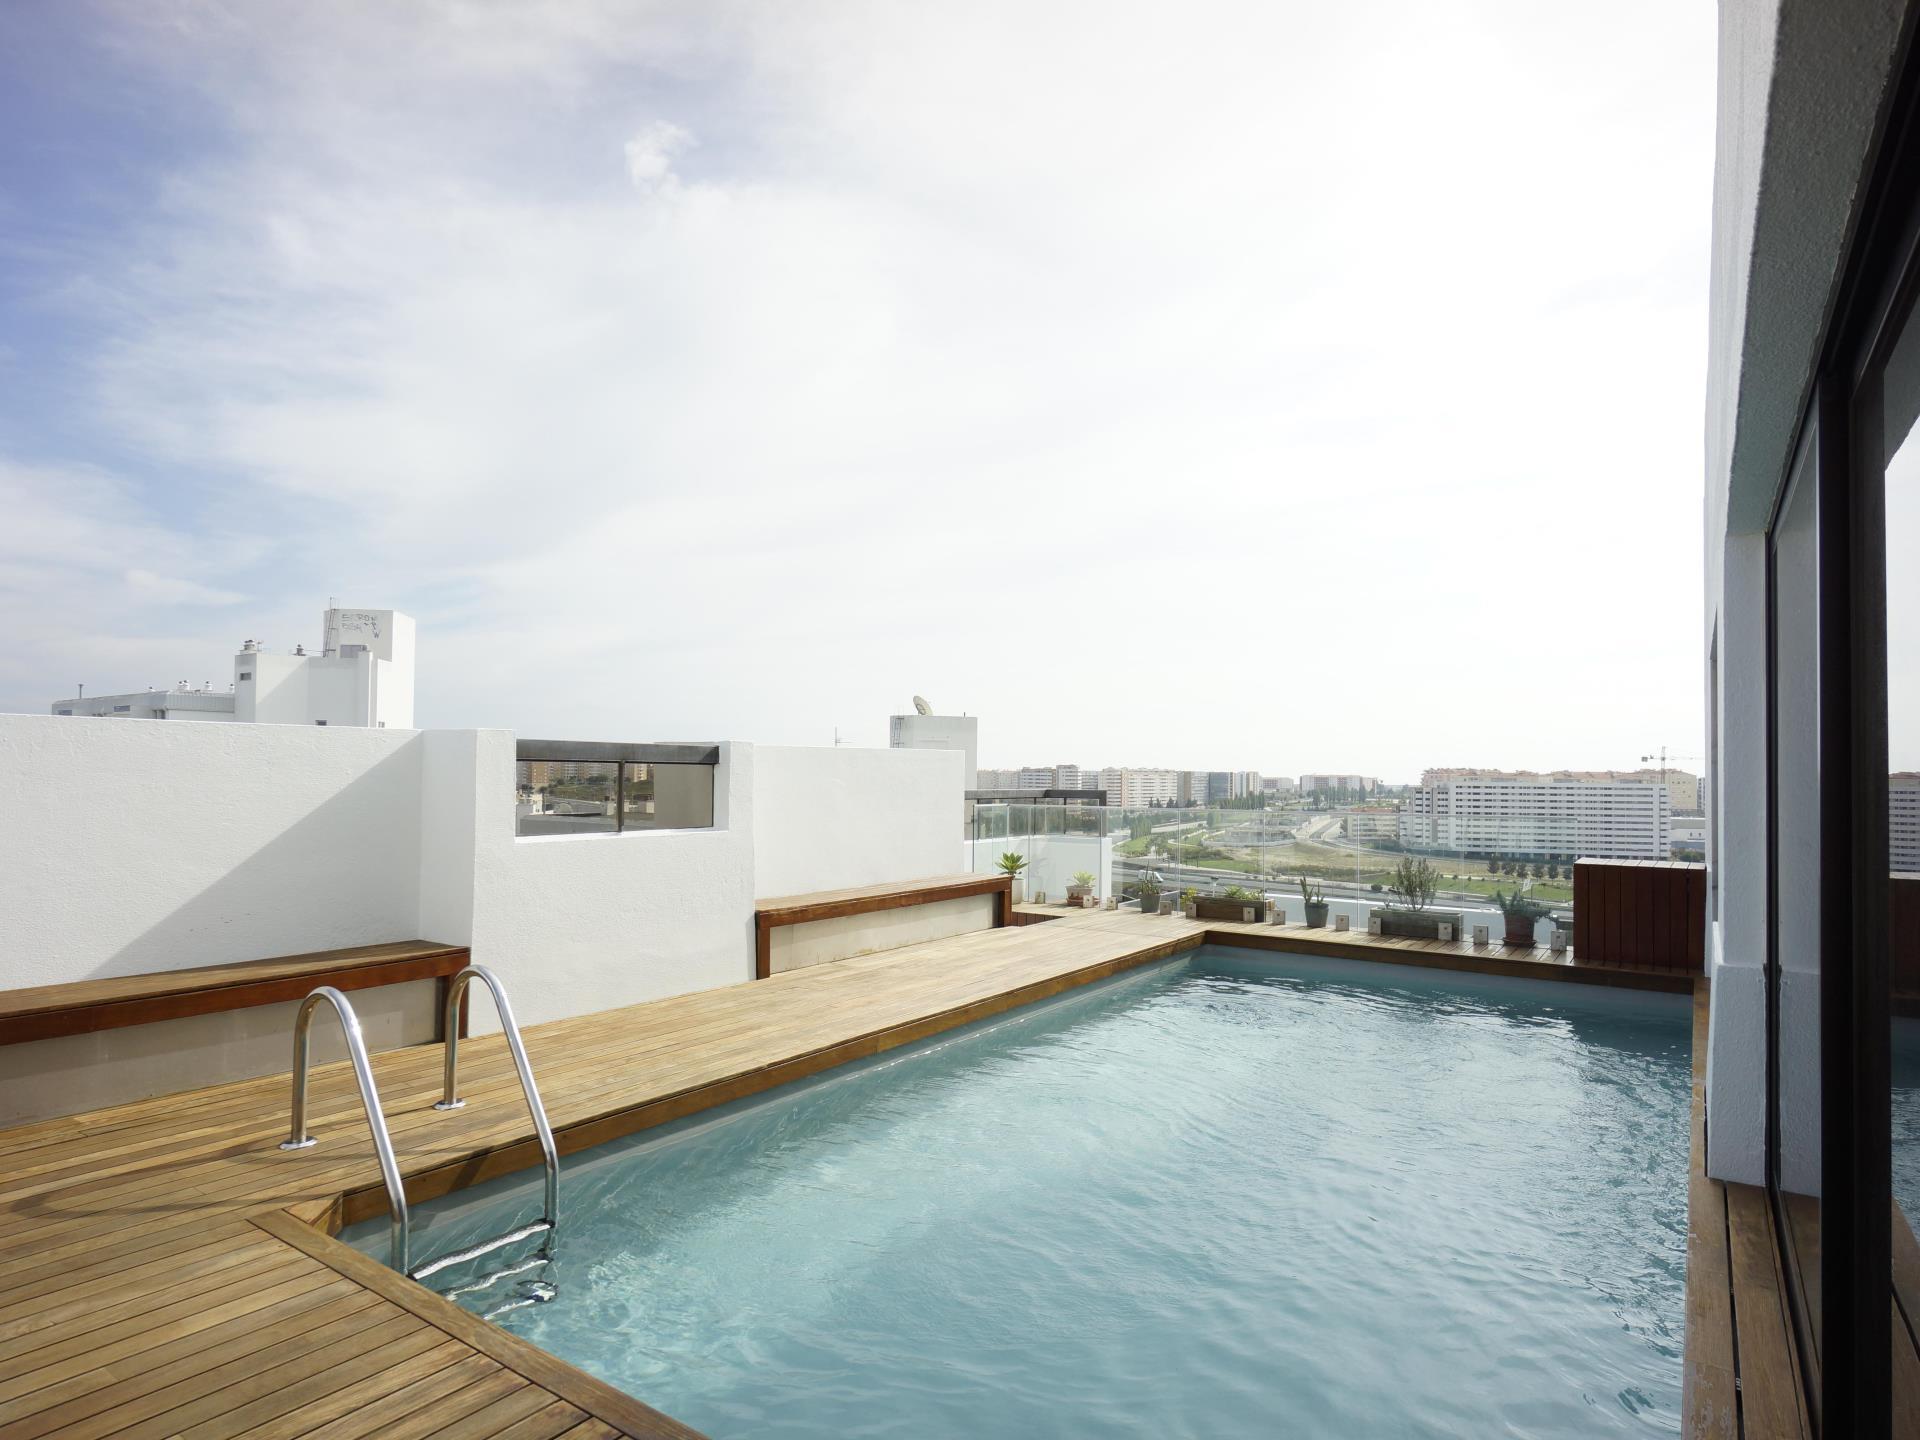 Квартира для того Продажа на Flat, 3 bedrooms, for Sale Lisboa, Лиссабон Португалия